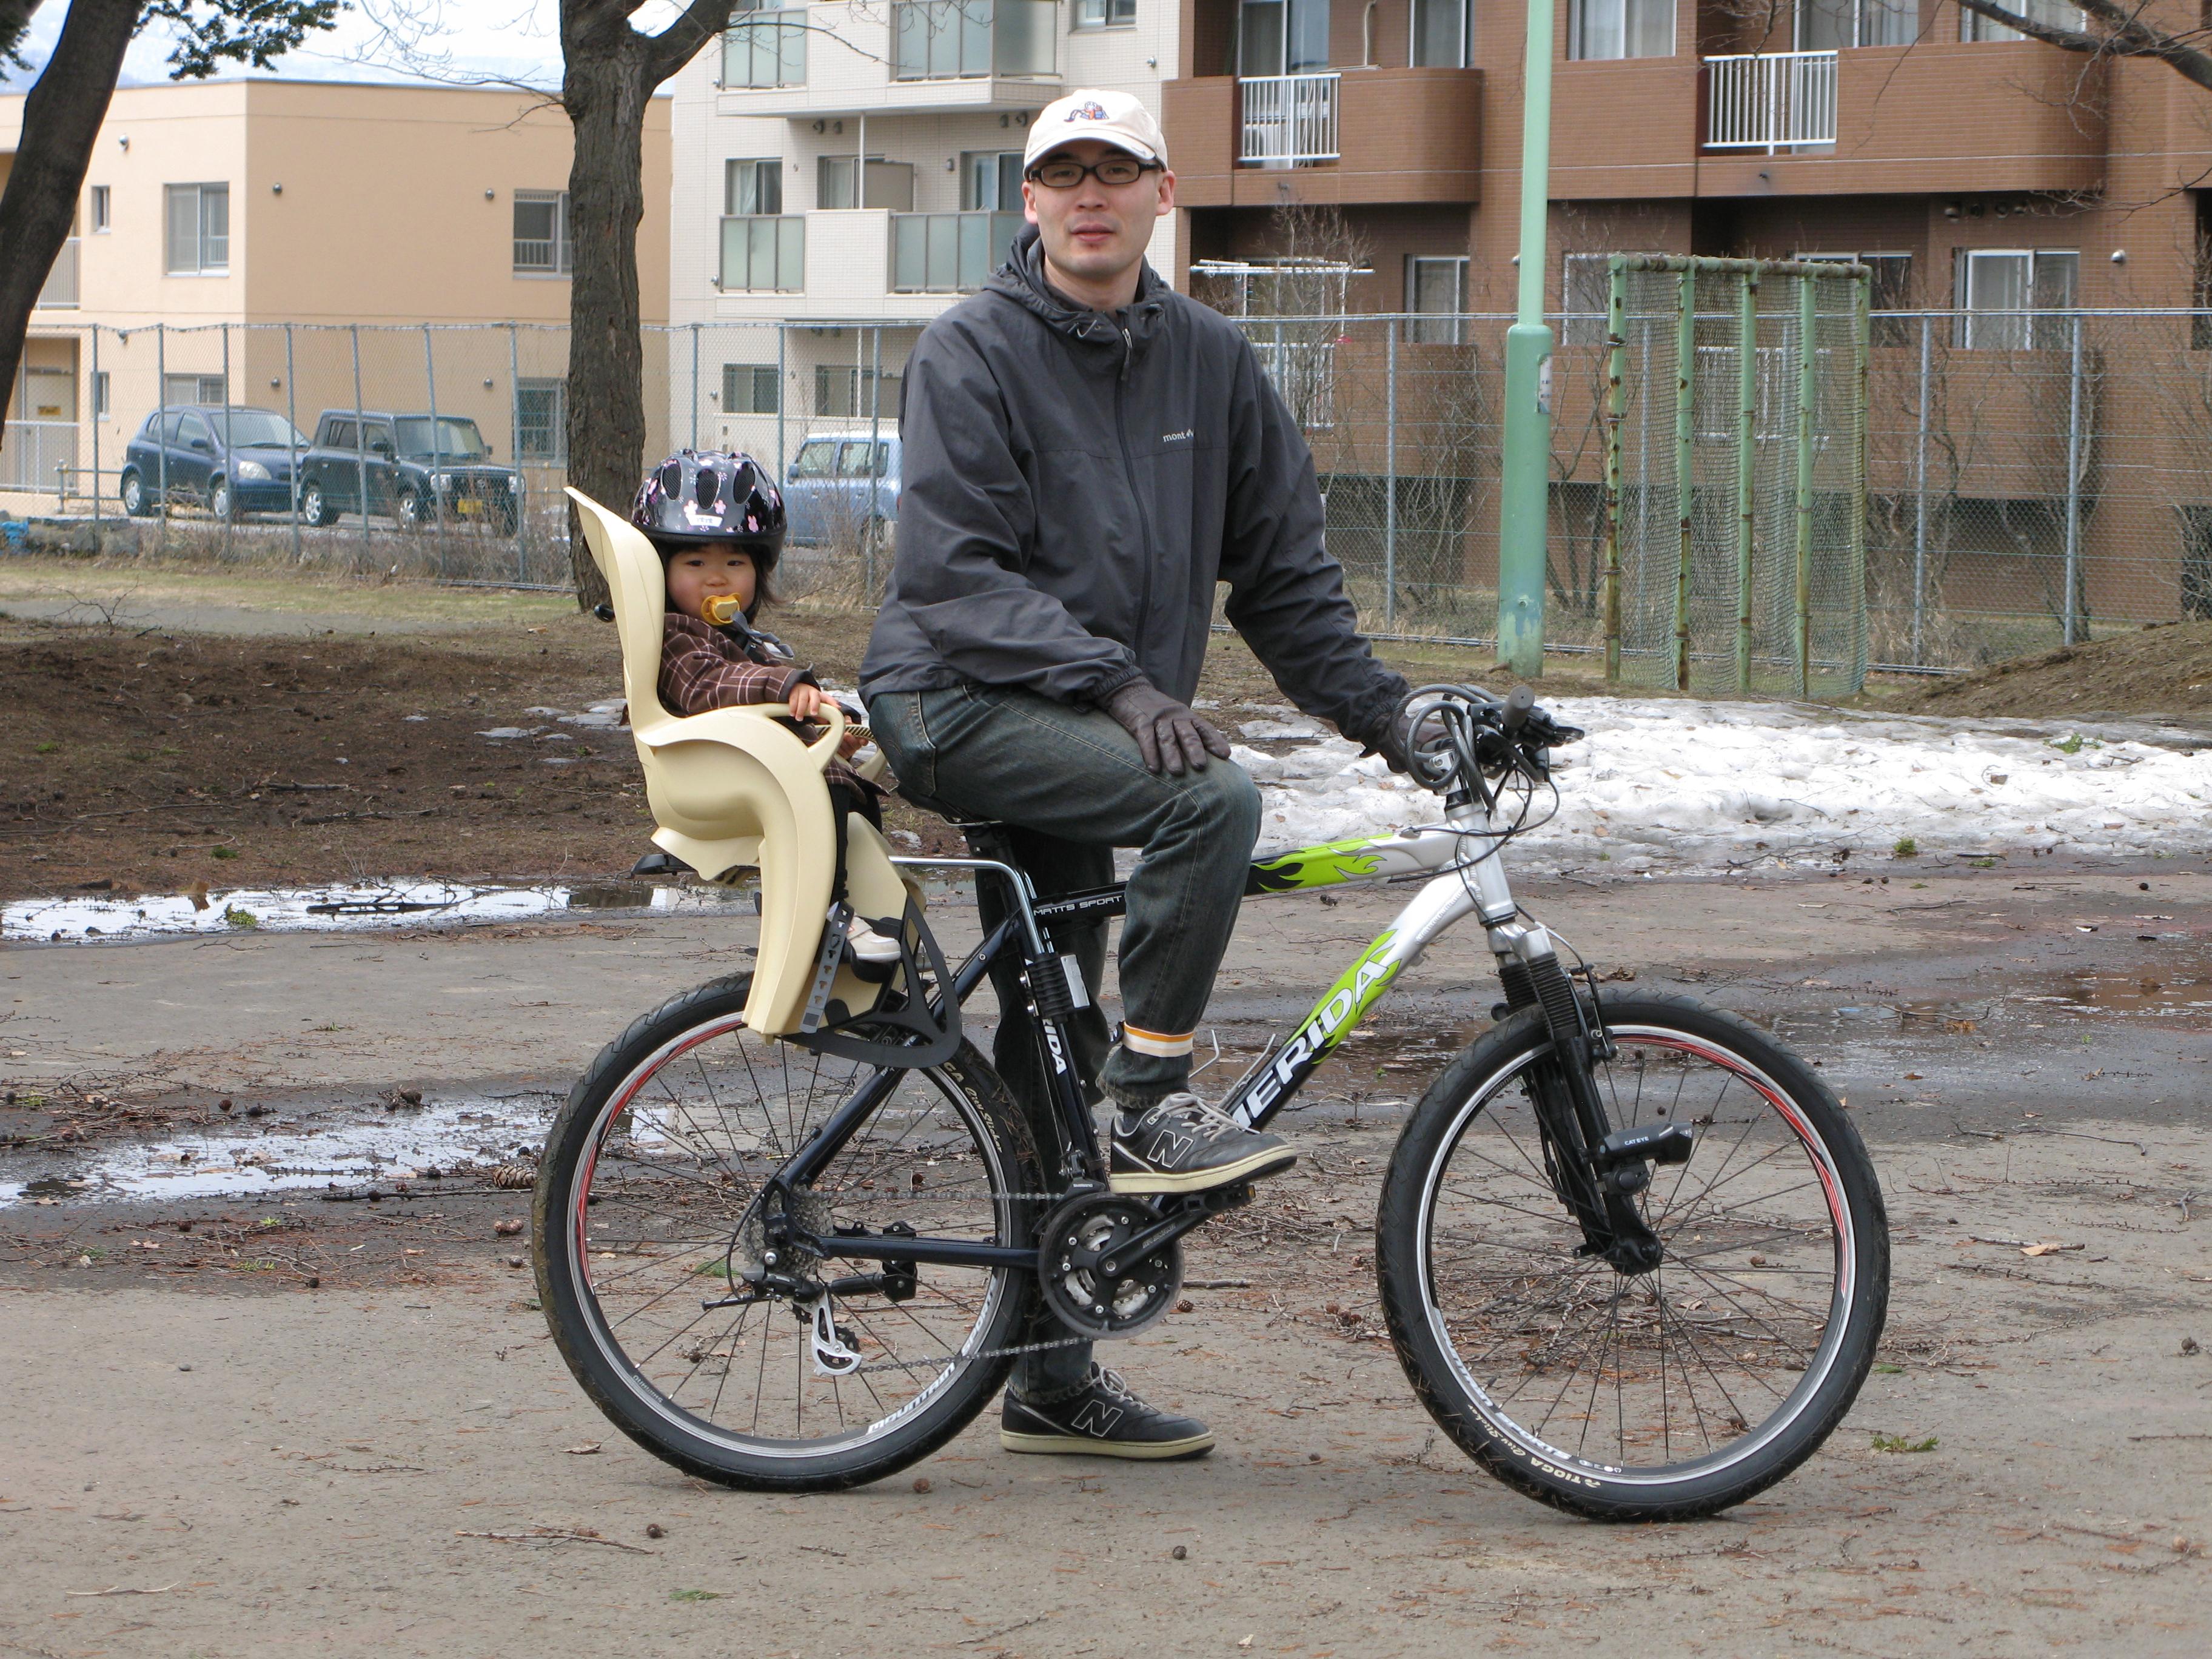 A child in a rear bike seat